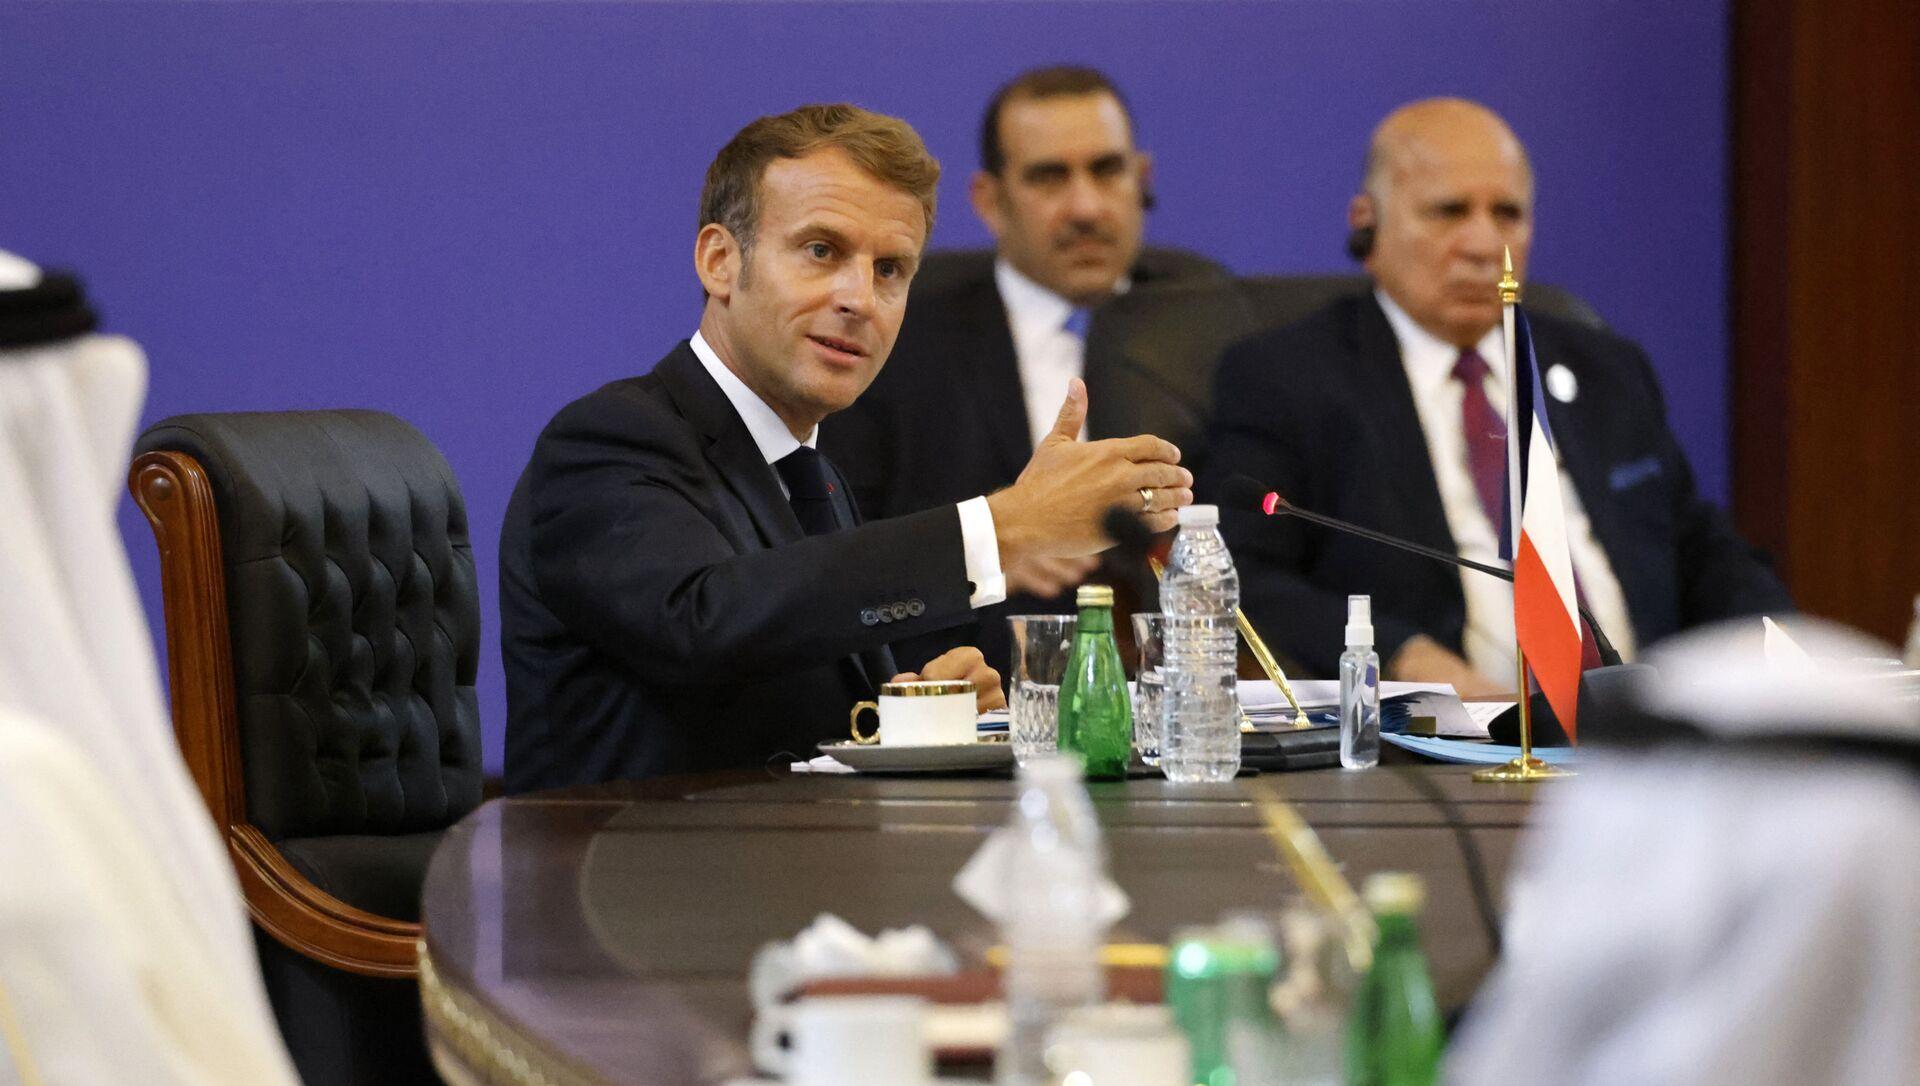 Emmanuel Macron lors d'un déplacement à Bagdad - Sputnik France, 1920, 28.08.2021